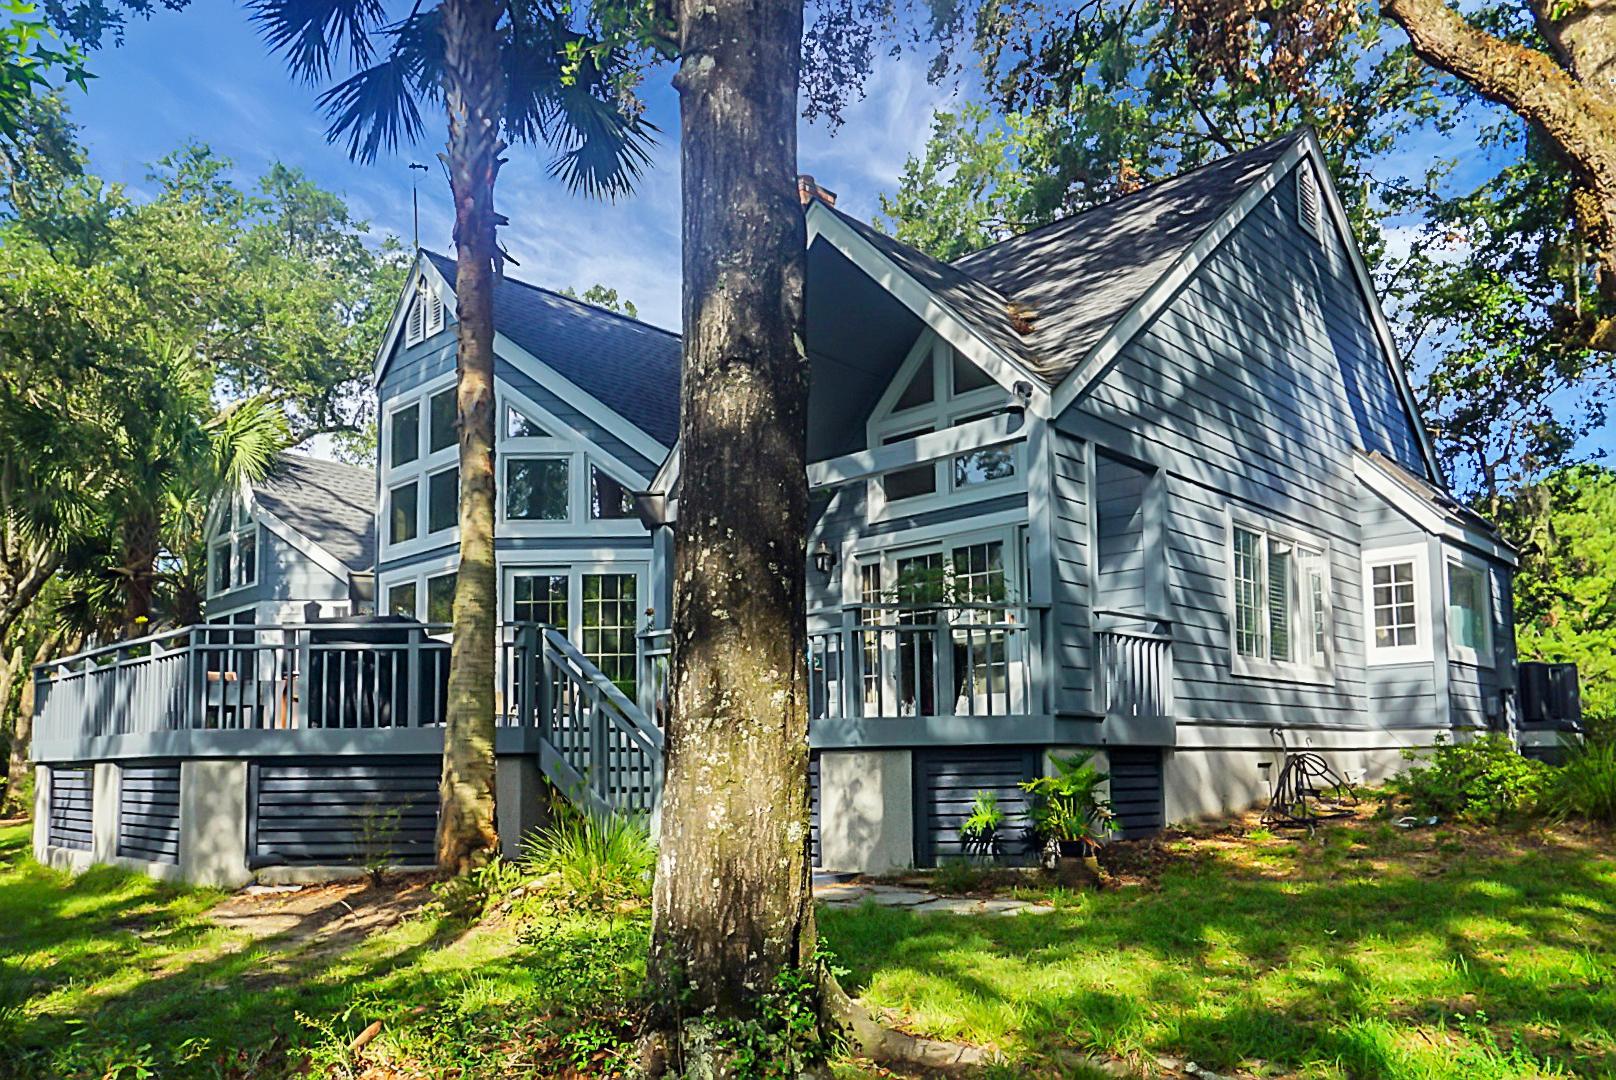 Churchill Landing Homes For Sale - 1753 Clark Hills, Johns Island, SC - 8